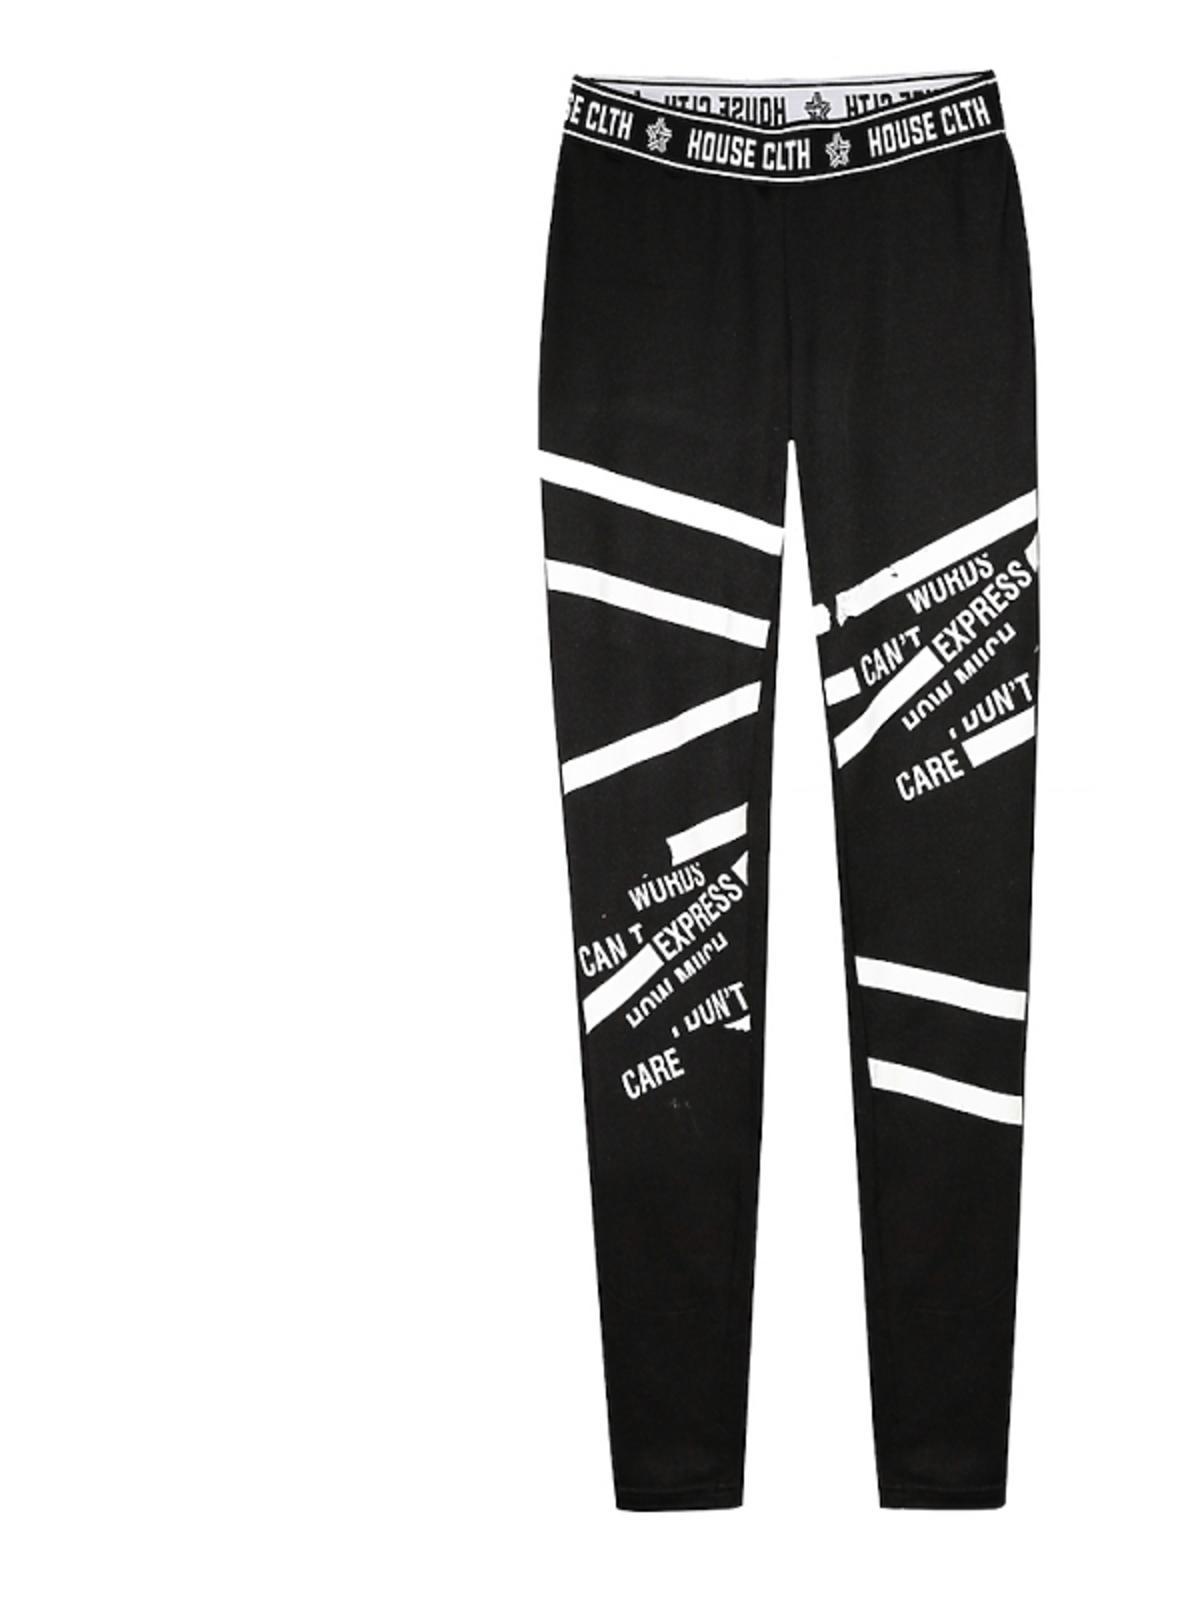 czarne legginsy w białe wzory i napisy